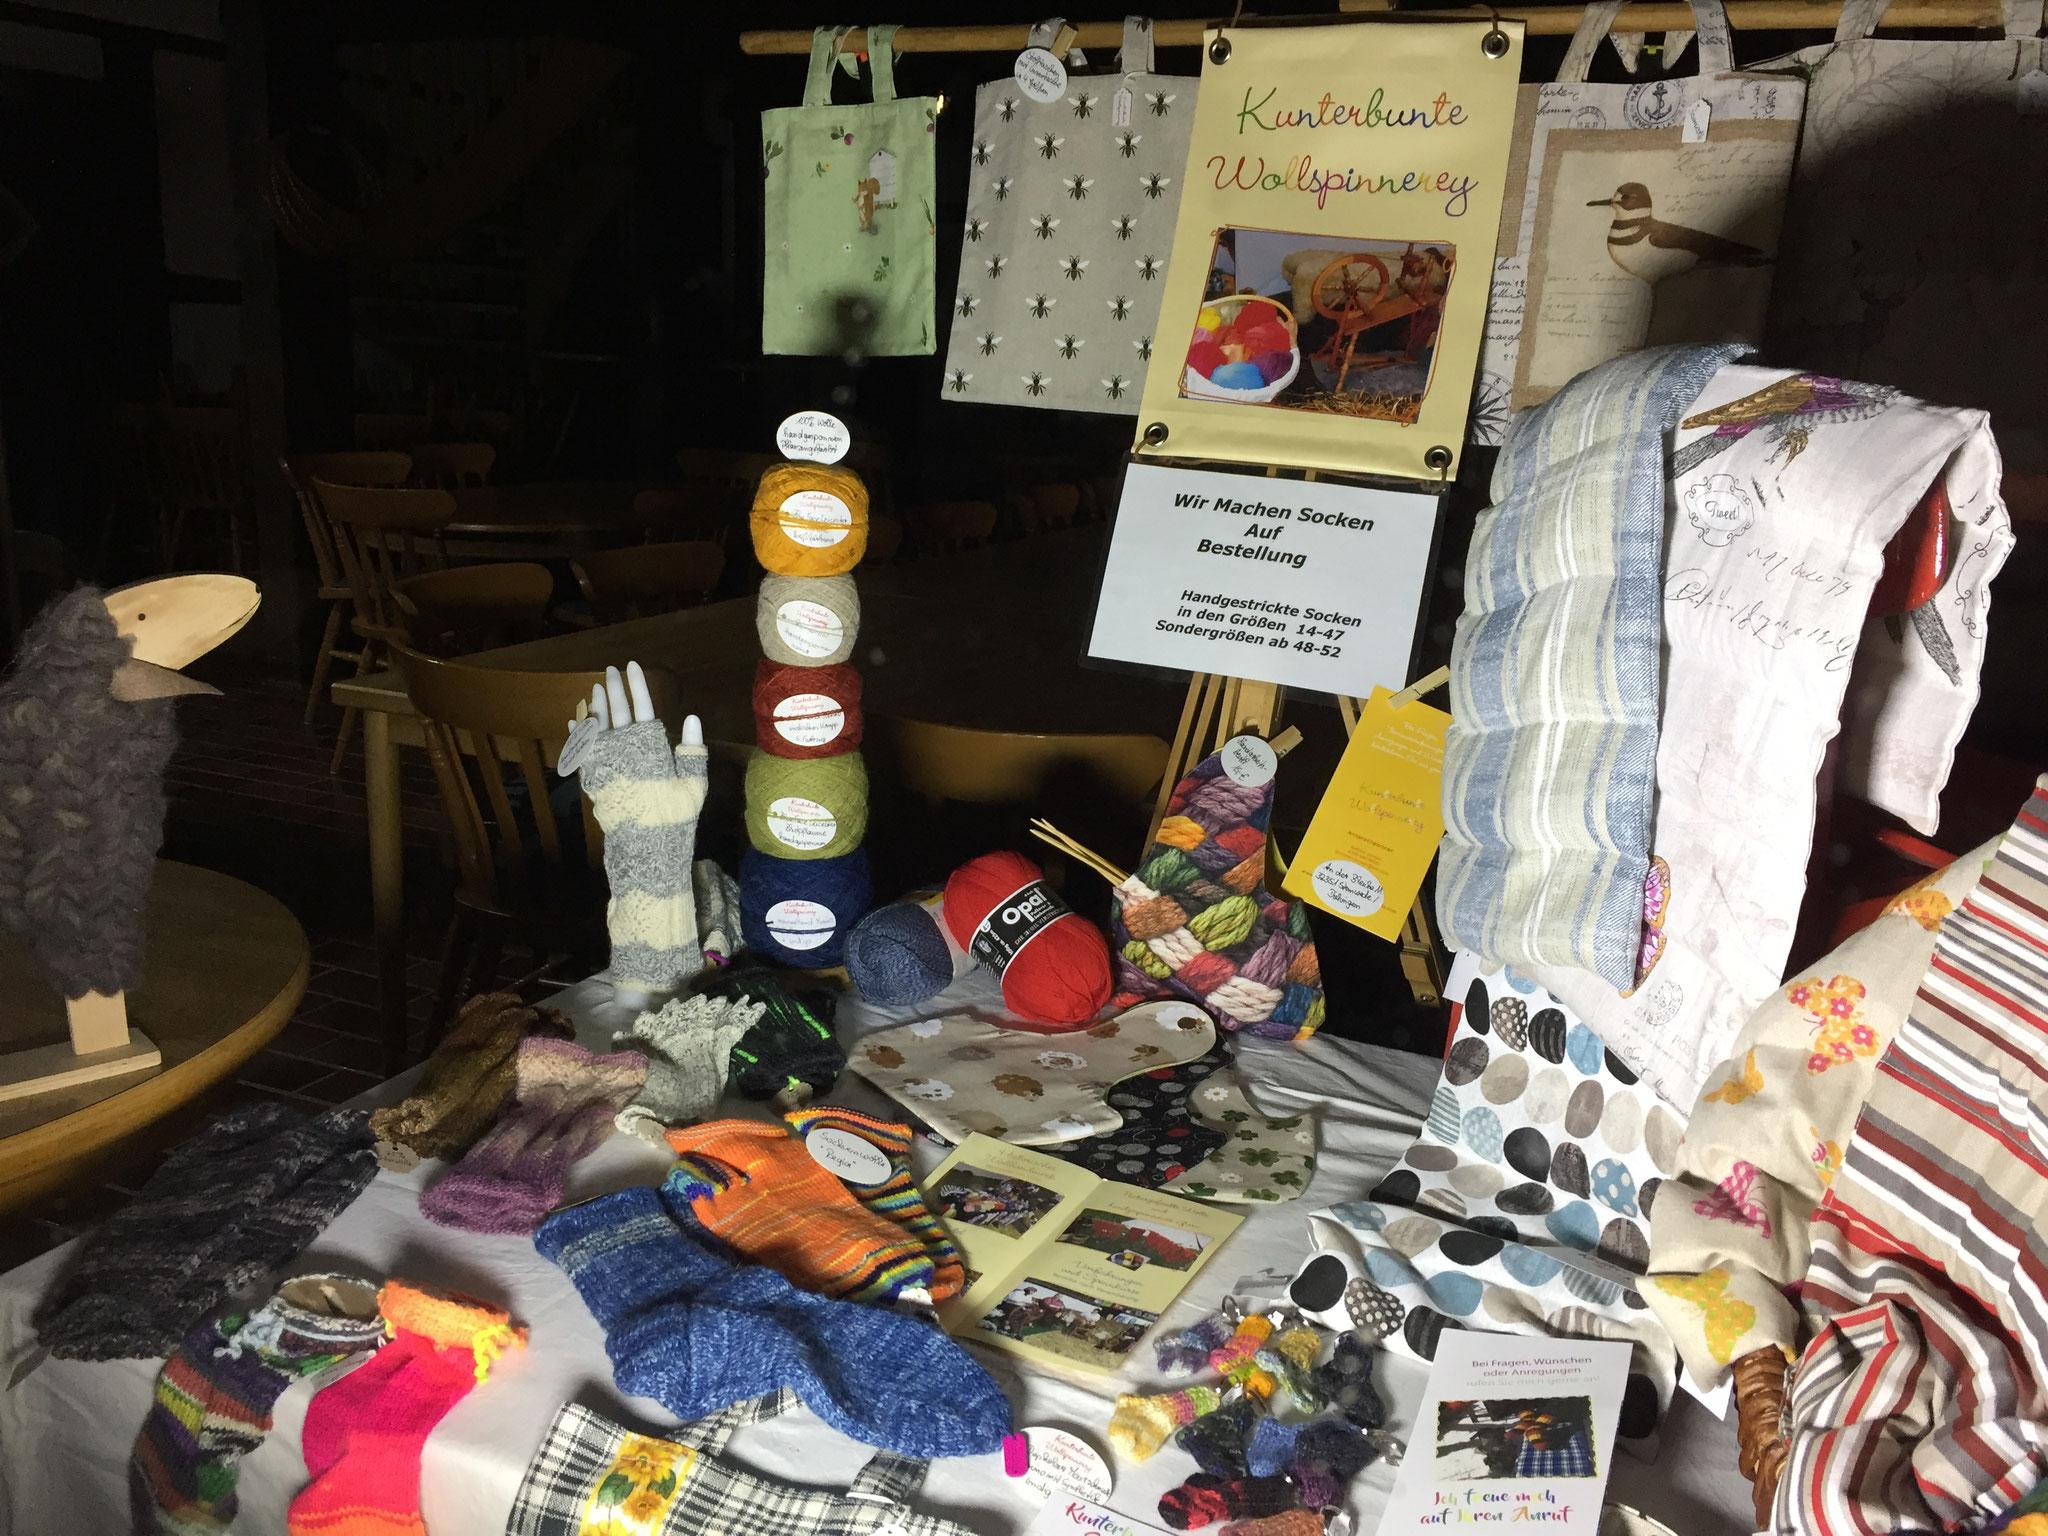 Blick in ein Handarbeits-Dorfhausfenster mit Wolle, selbst gestrickten Socken und Genähtem